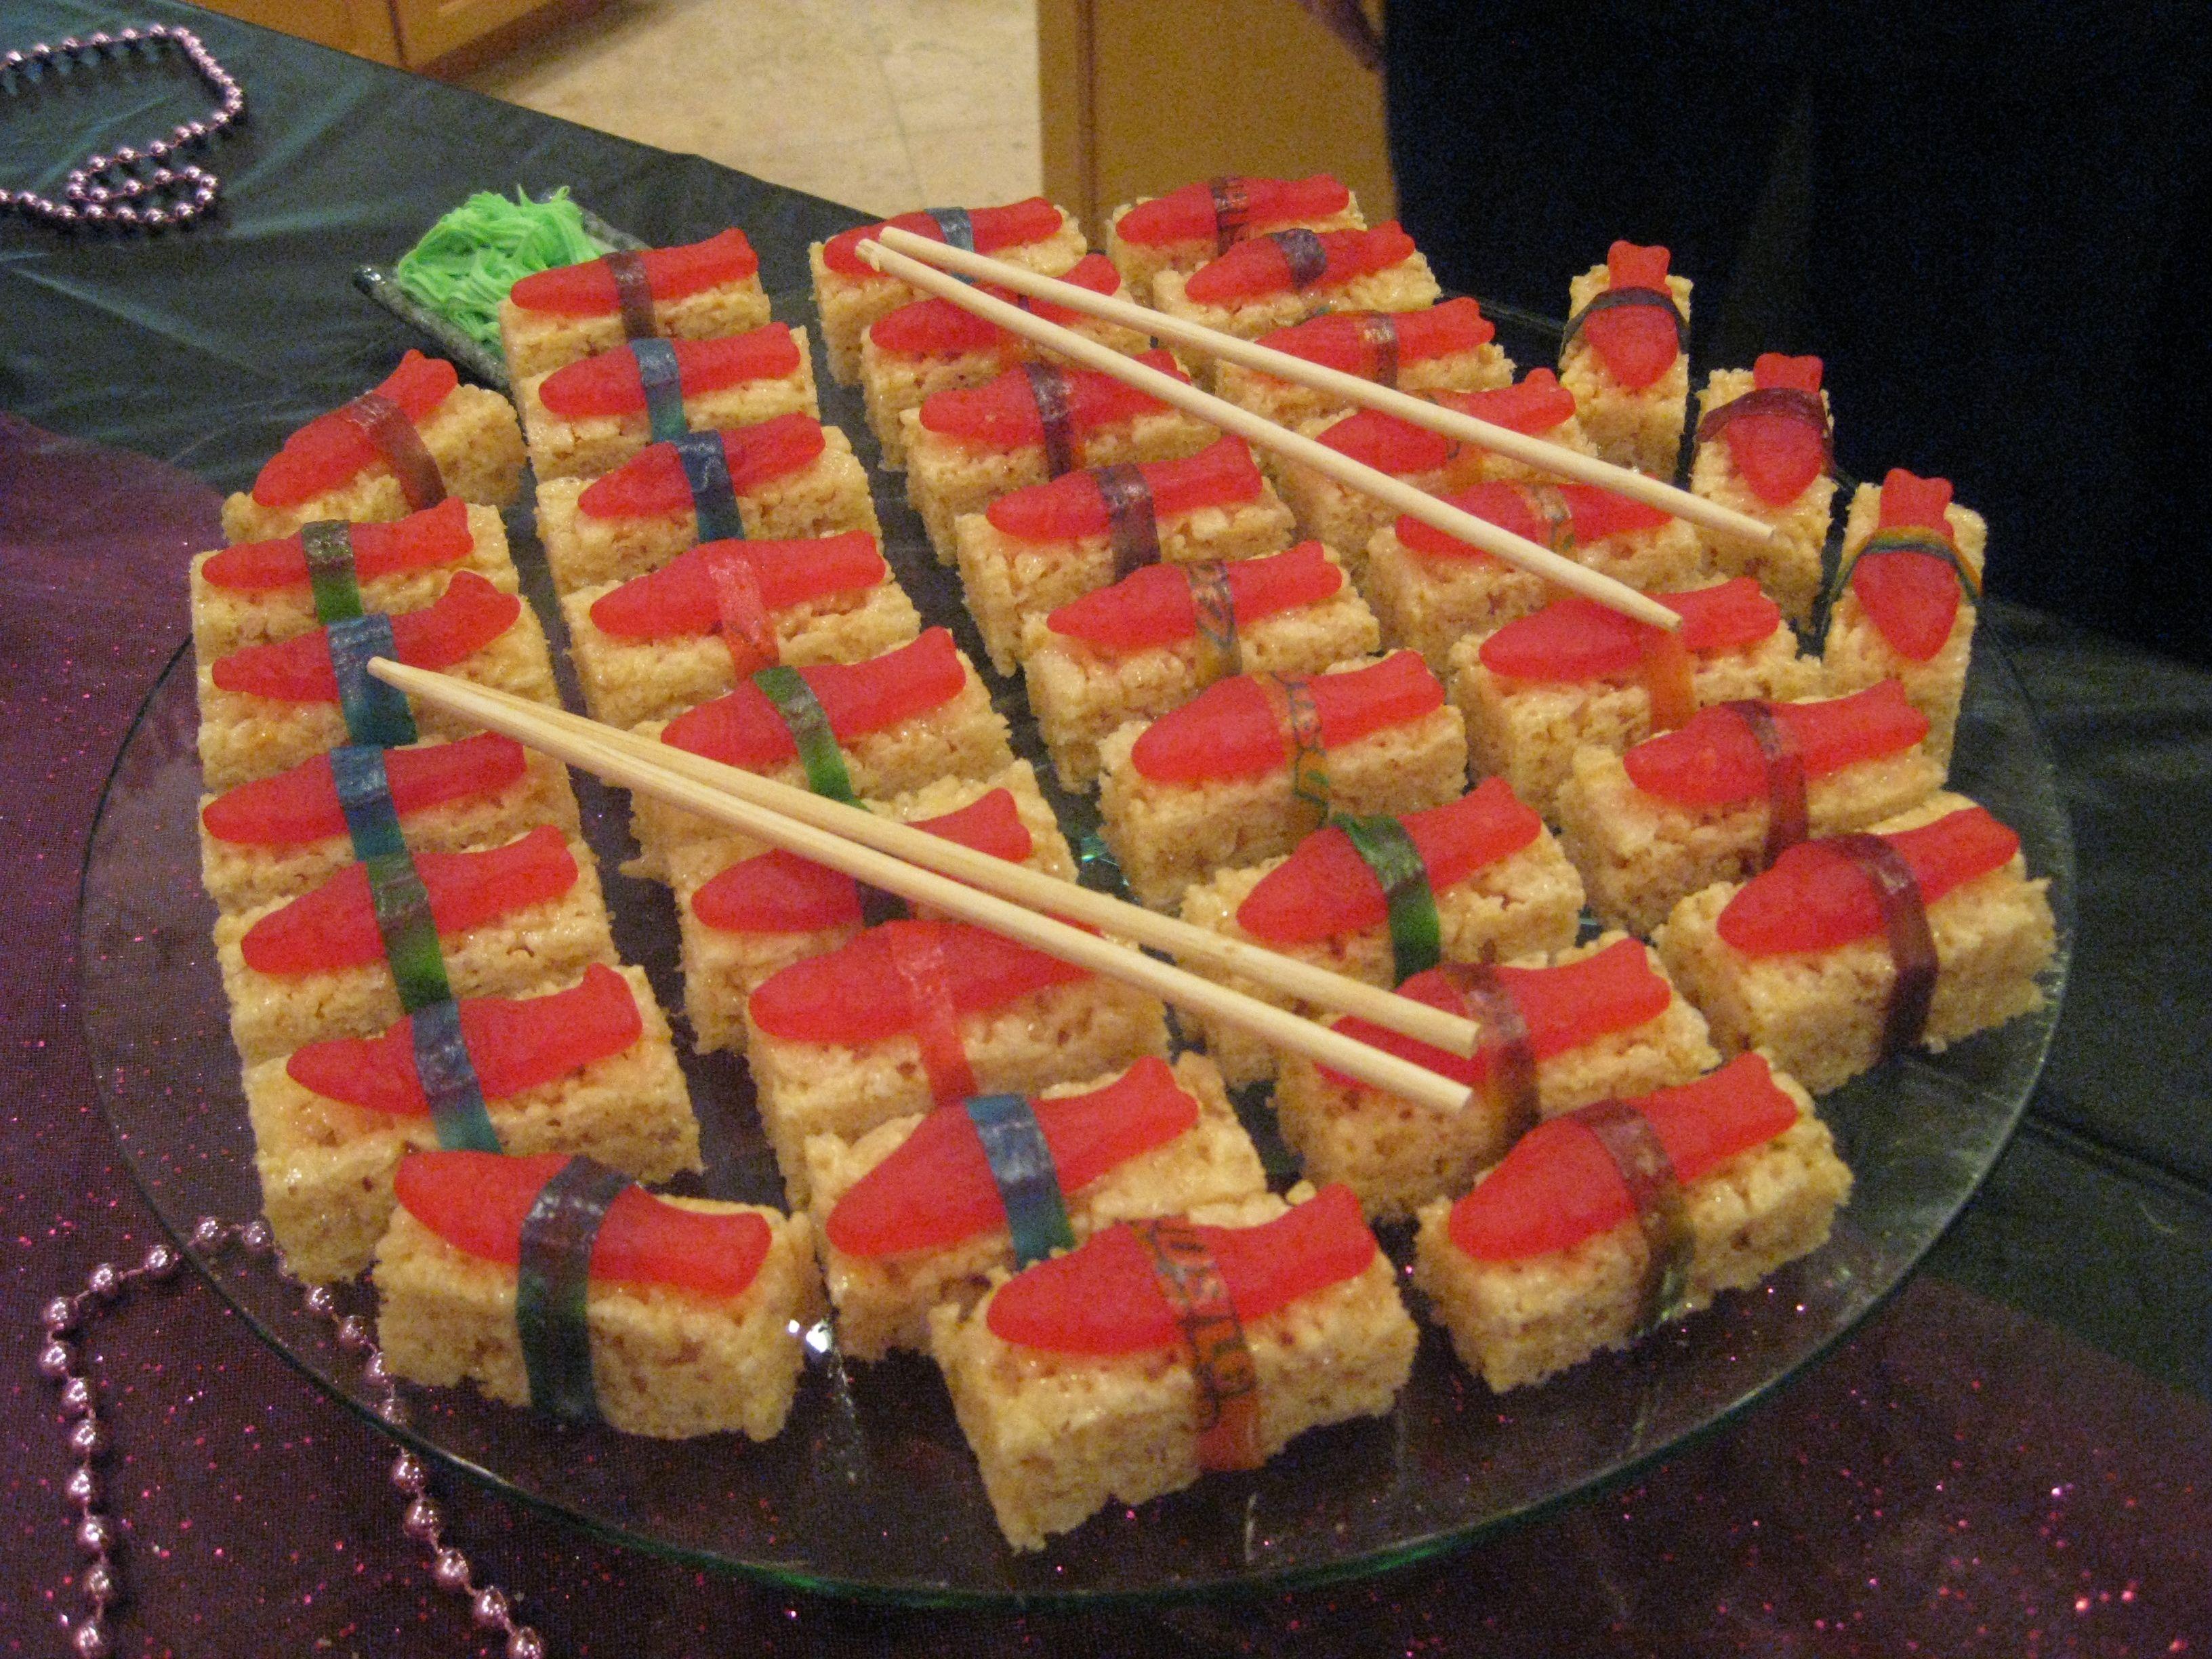 finger food ideas for bridal shower%0A Food